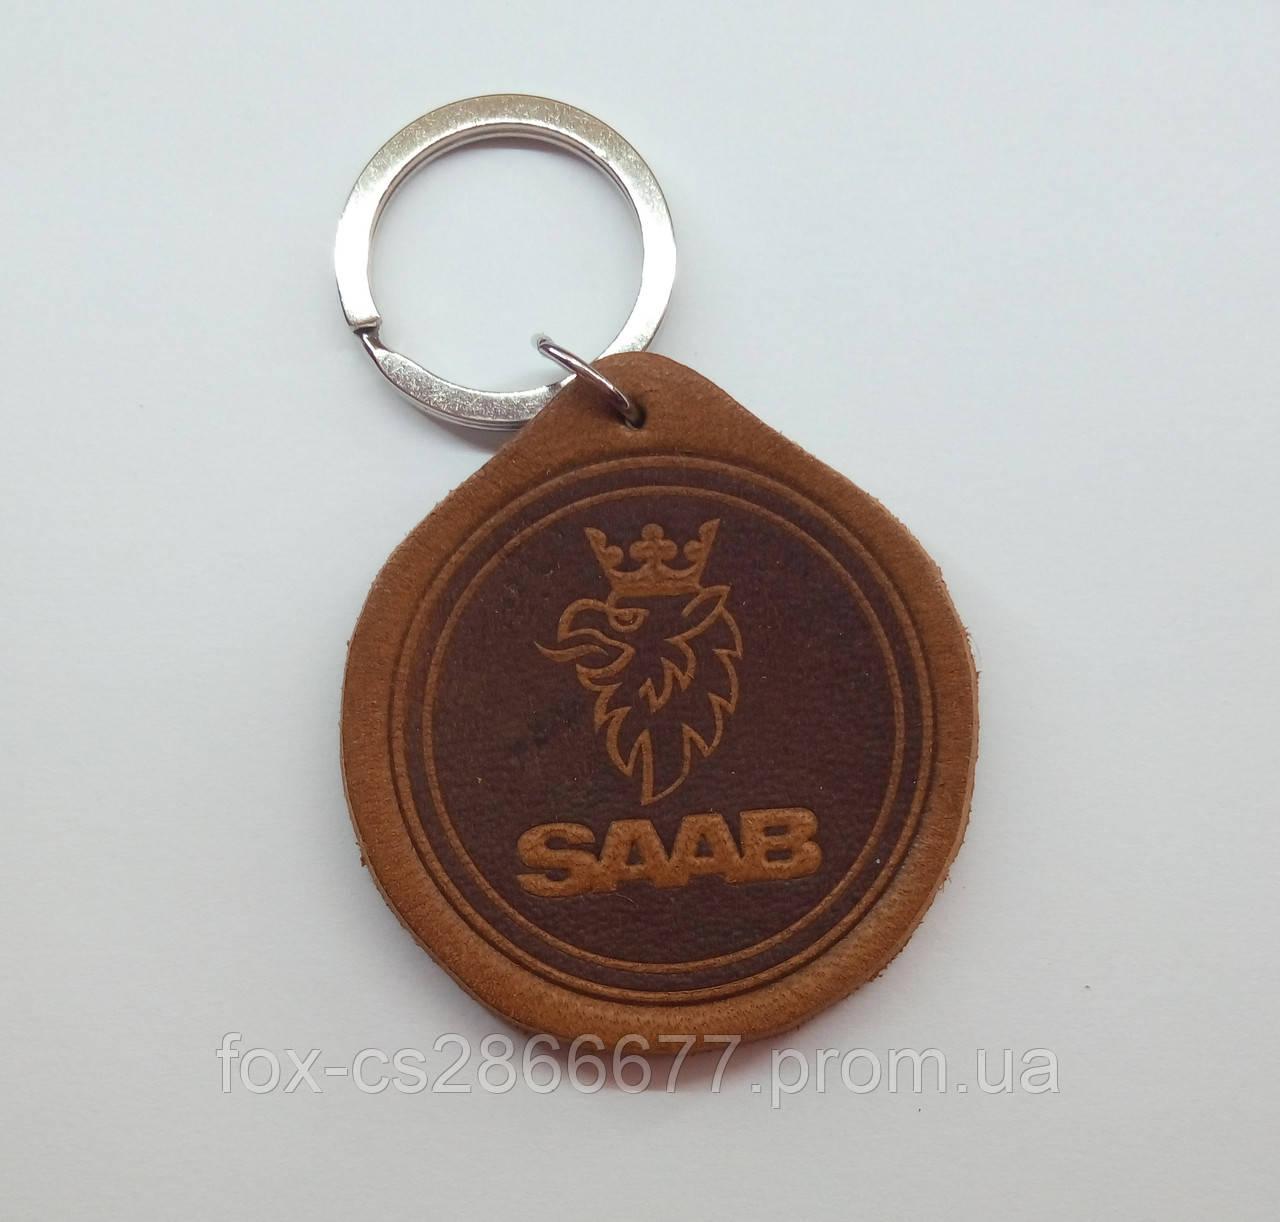 Кожаный брелок / Марки авто / Saab